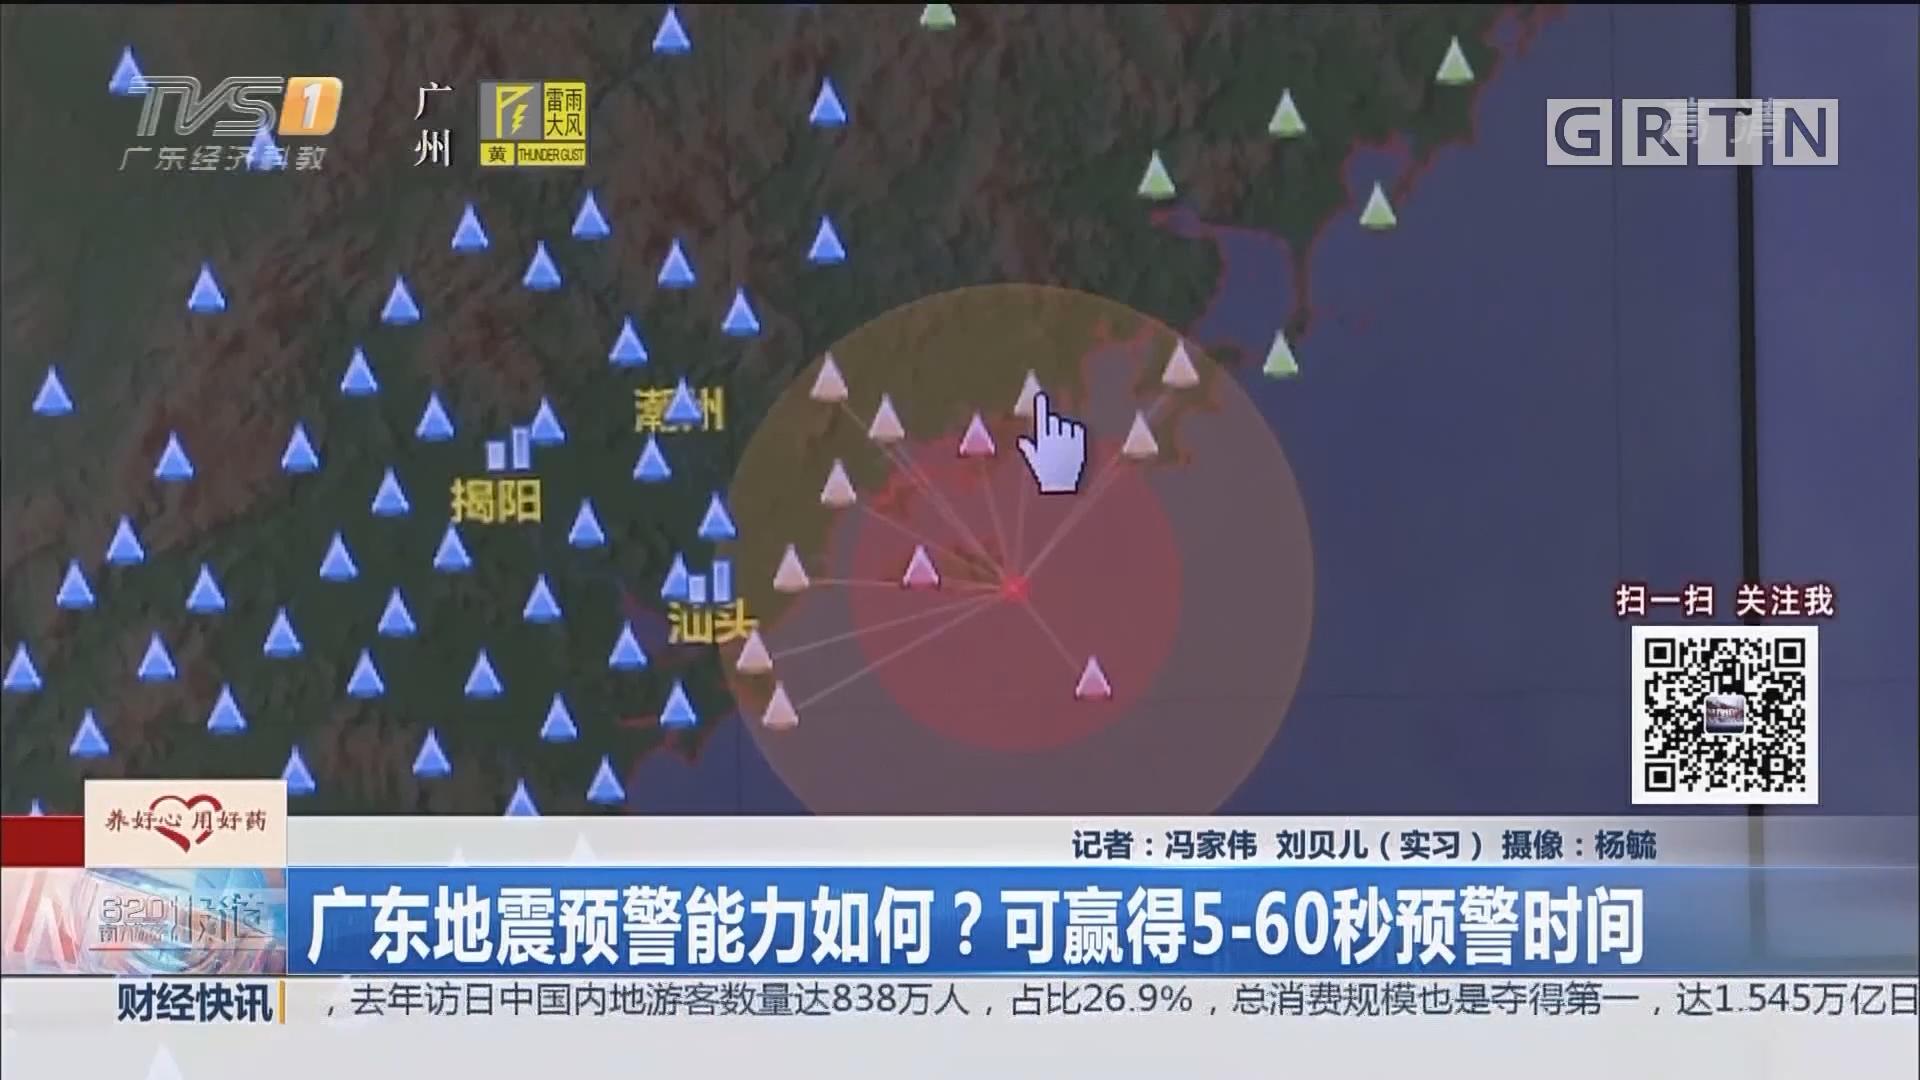 广东地震预警能力如何?可赢得5-60秒预警时间